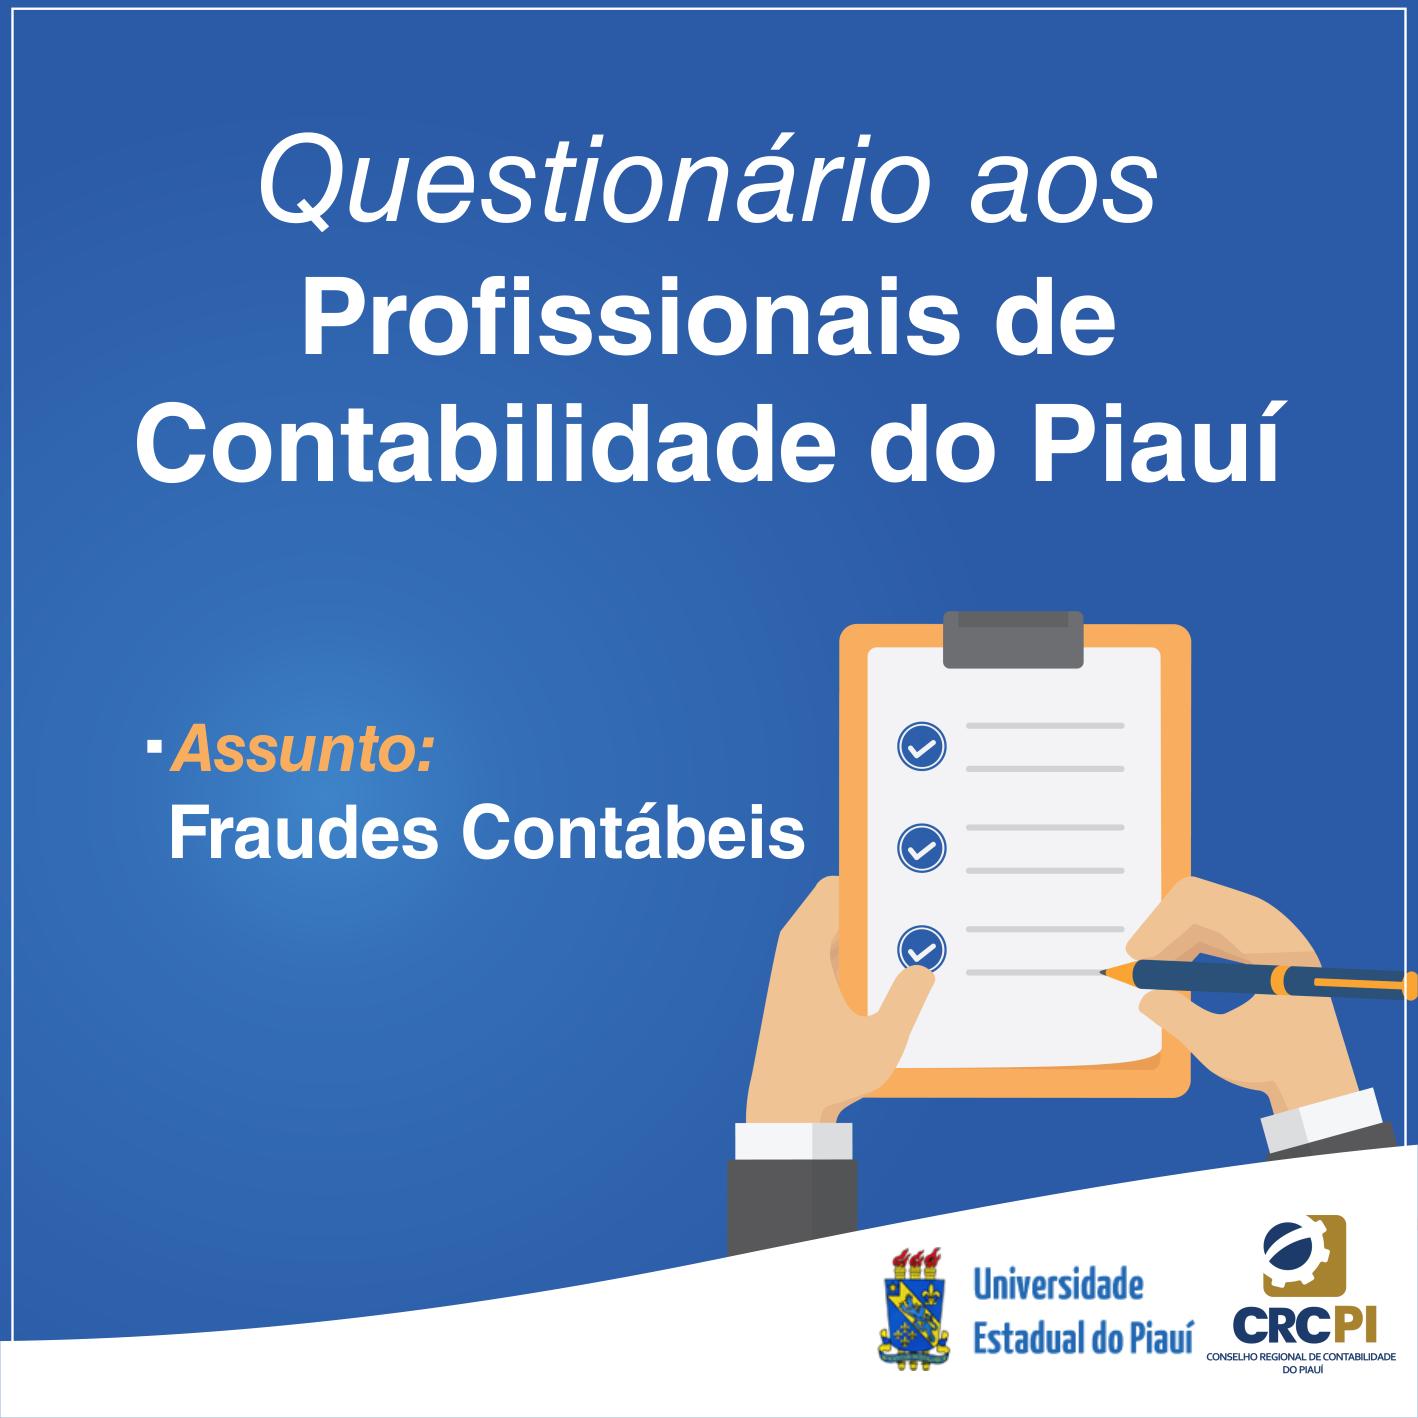 Participe da pesquisa sobre fraudes contábeis